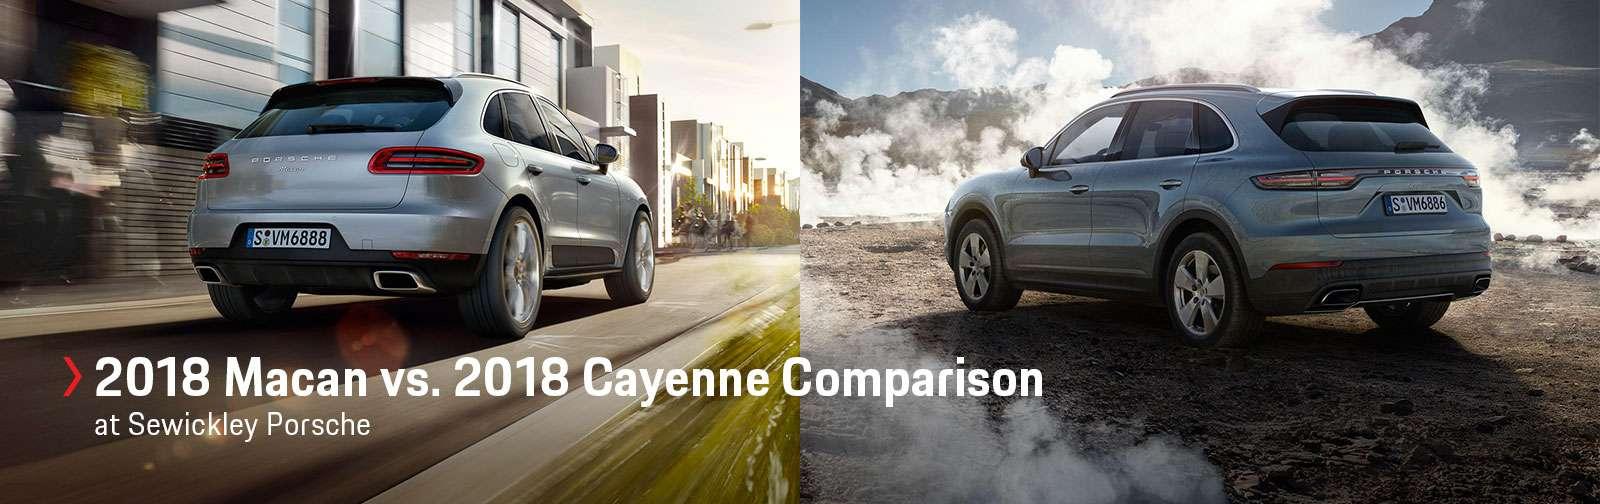 2018 Macan vs. 2018 Cayenne Comparison